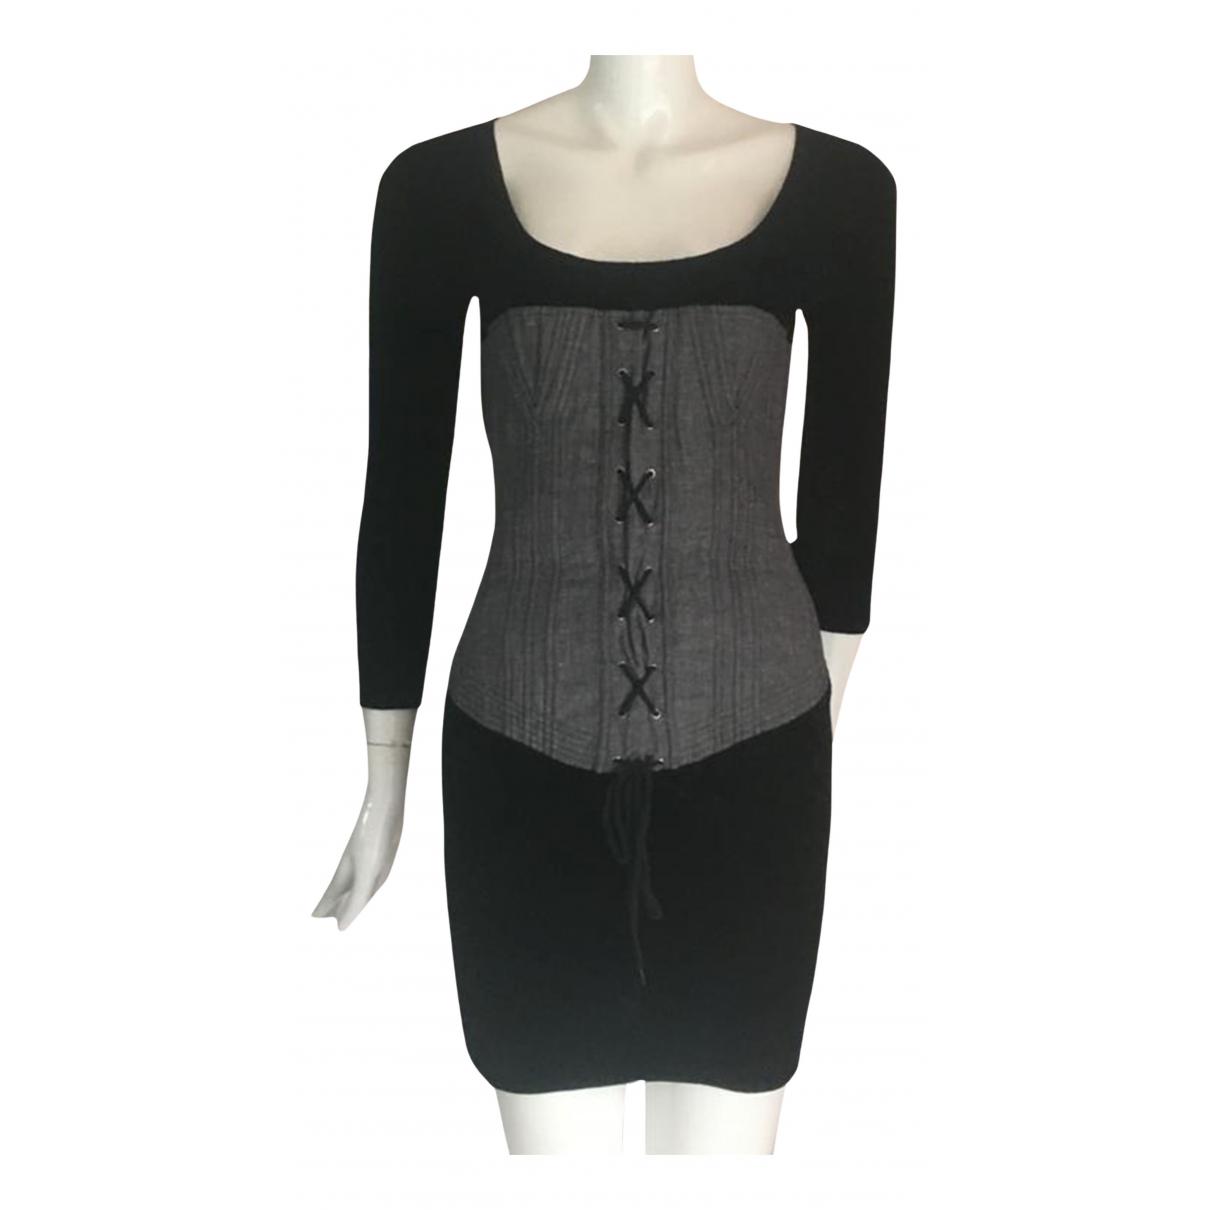 Chantal Thomass \N Kleid in  Schwarz Samt